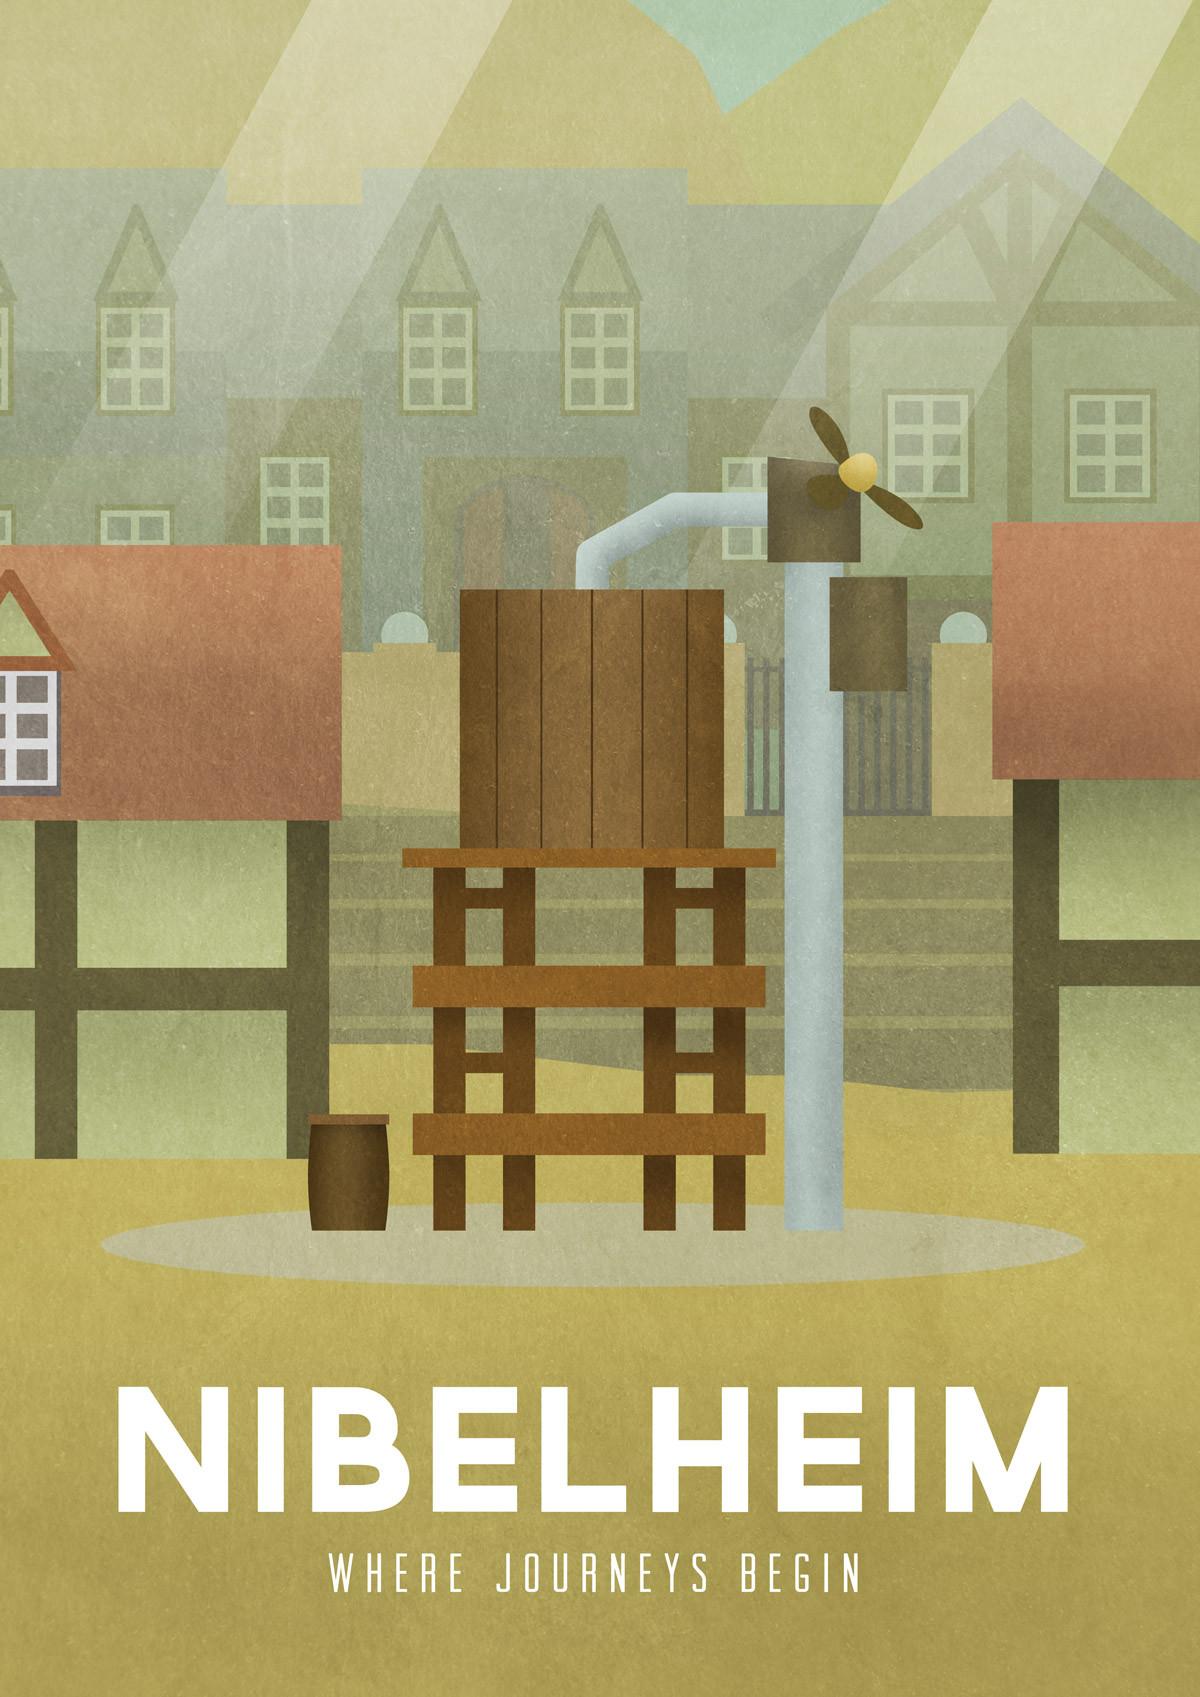 nibelheim-final-fantasy-vii-travel-poster_1